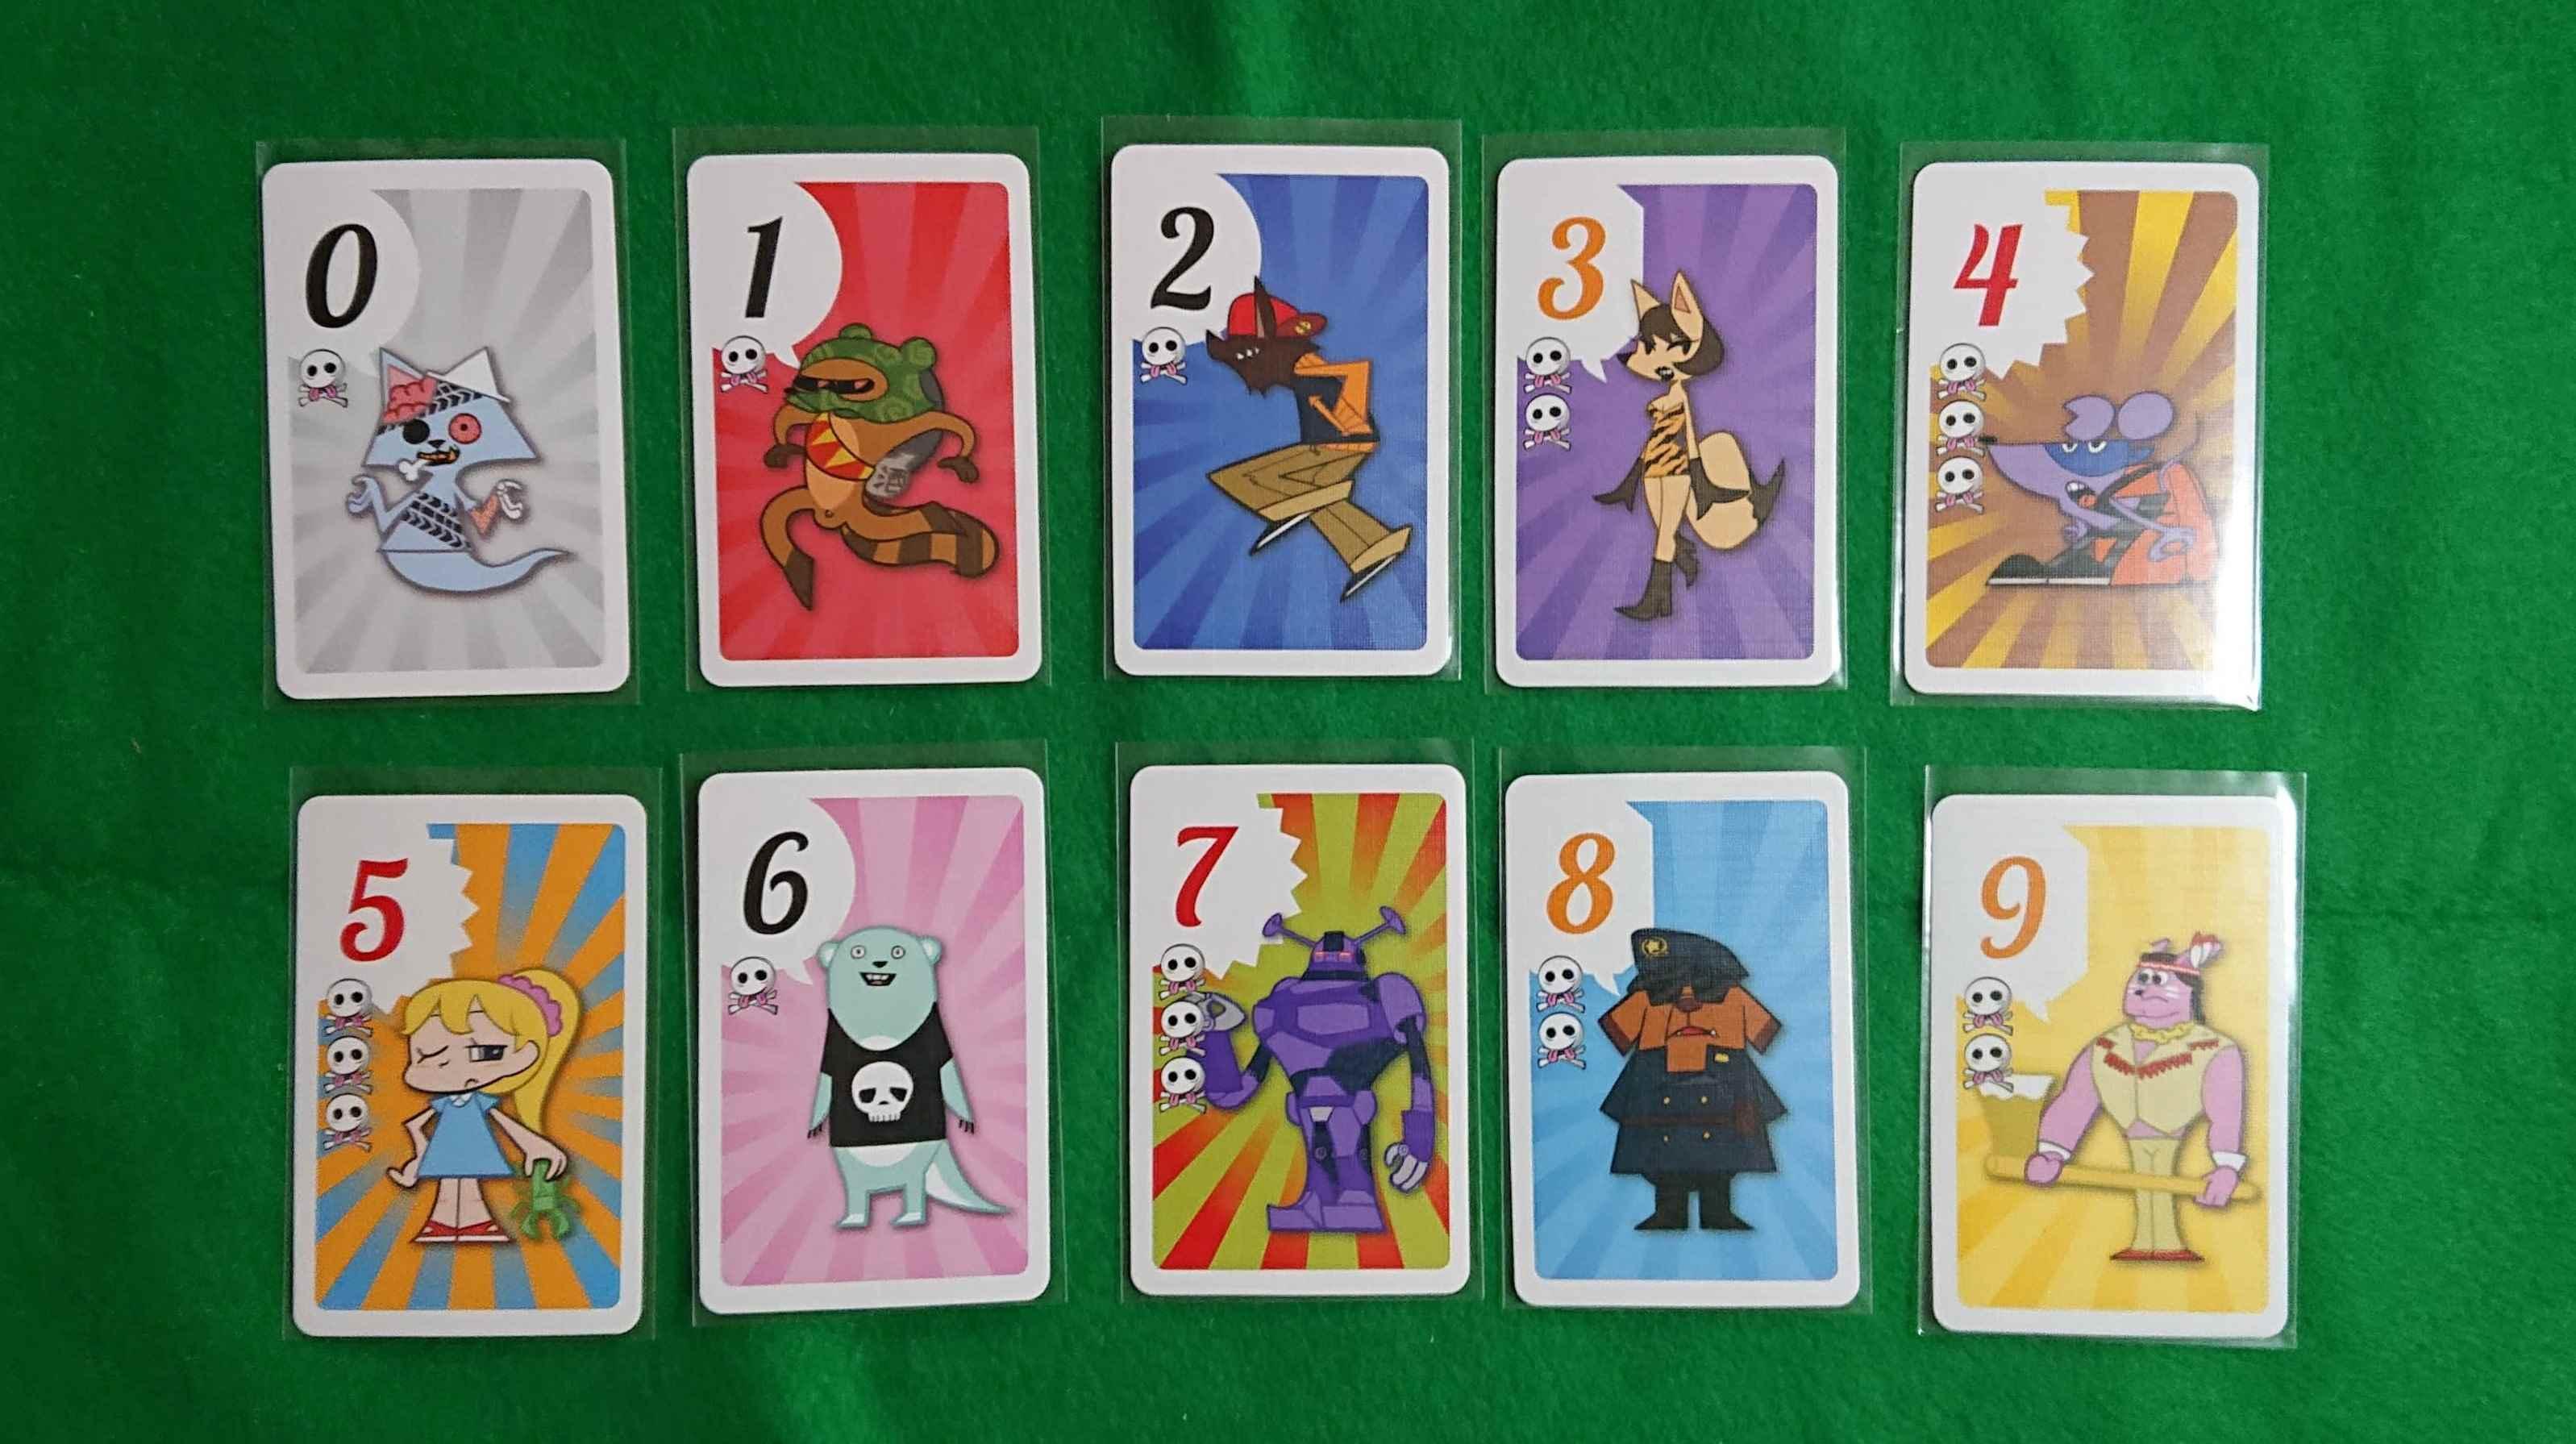 ファブフィブ(FAB FIB) ブラフ系カードゲーム 「987」本当ですか??? ボードゲーム ルール説明